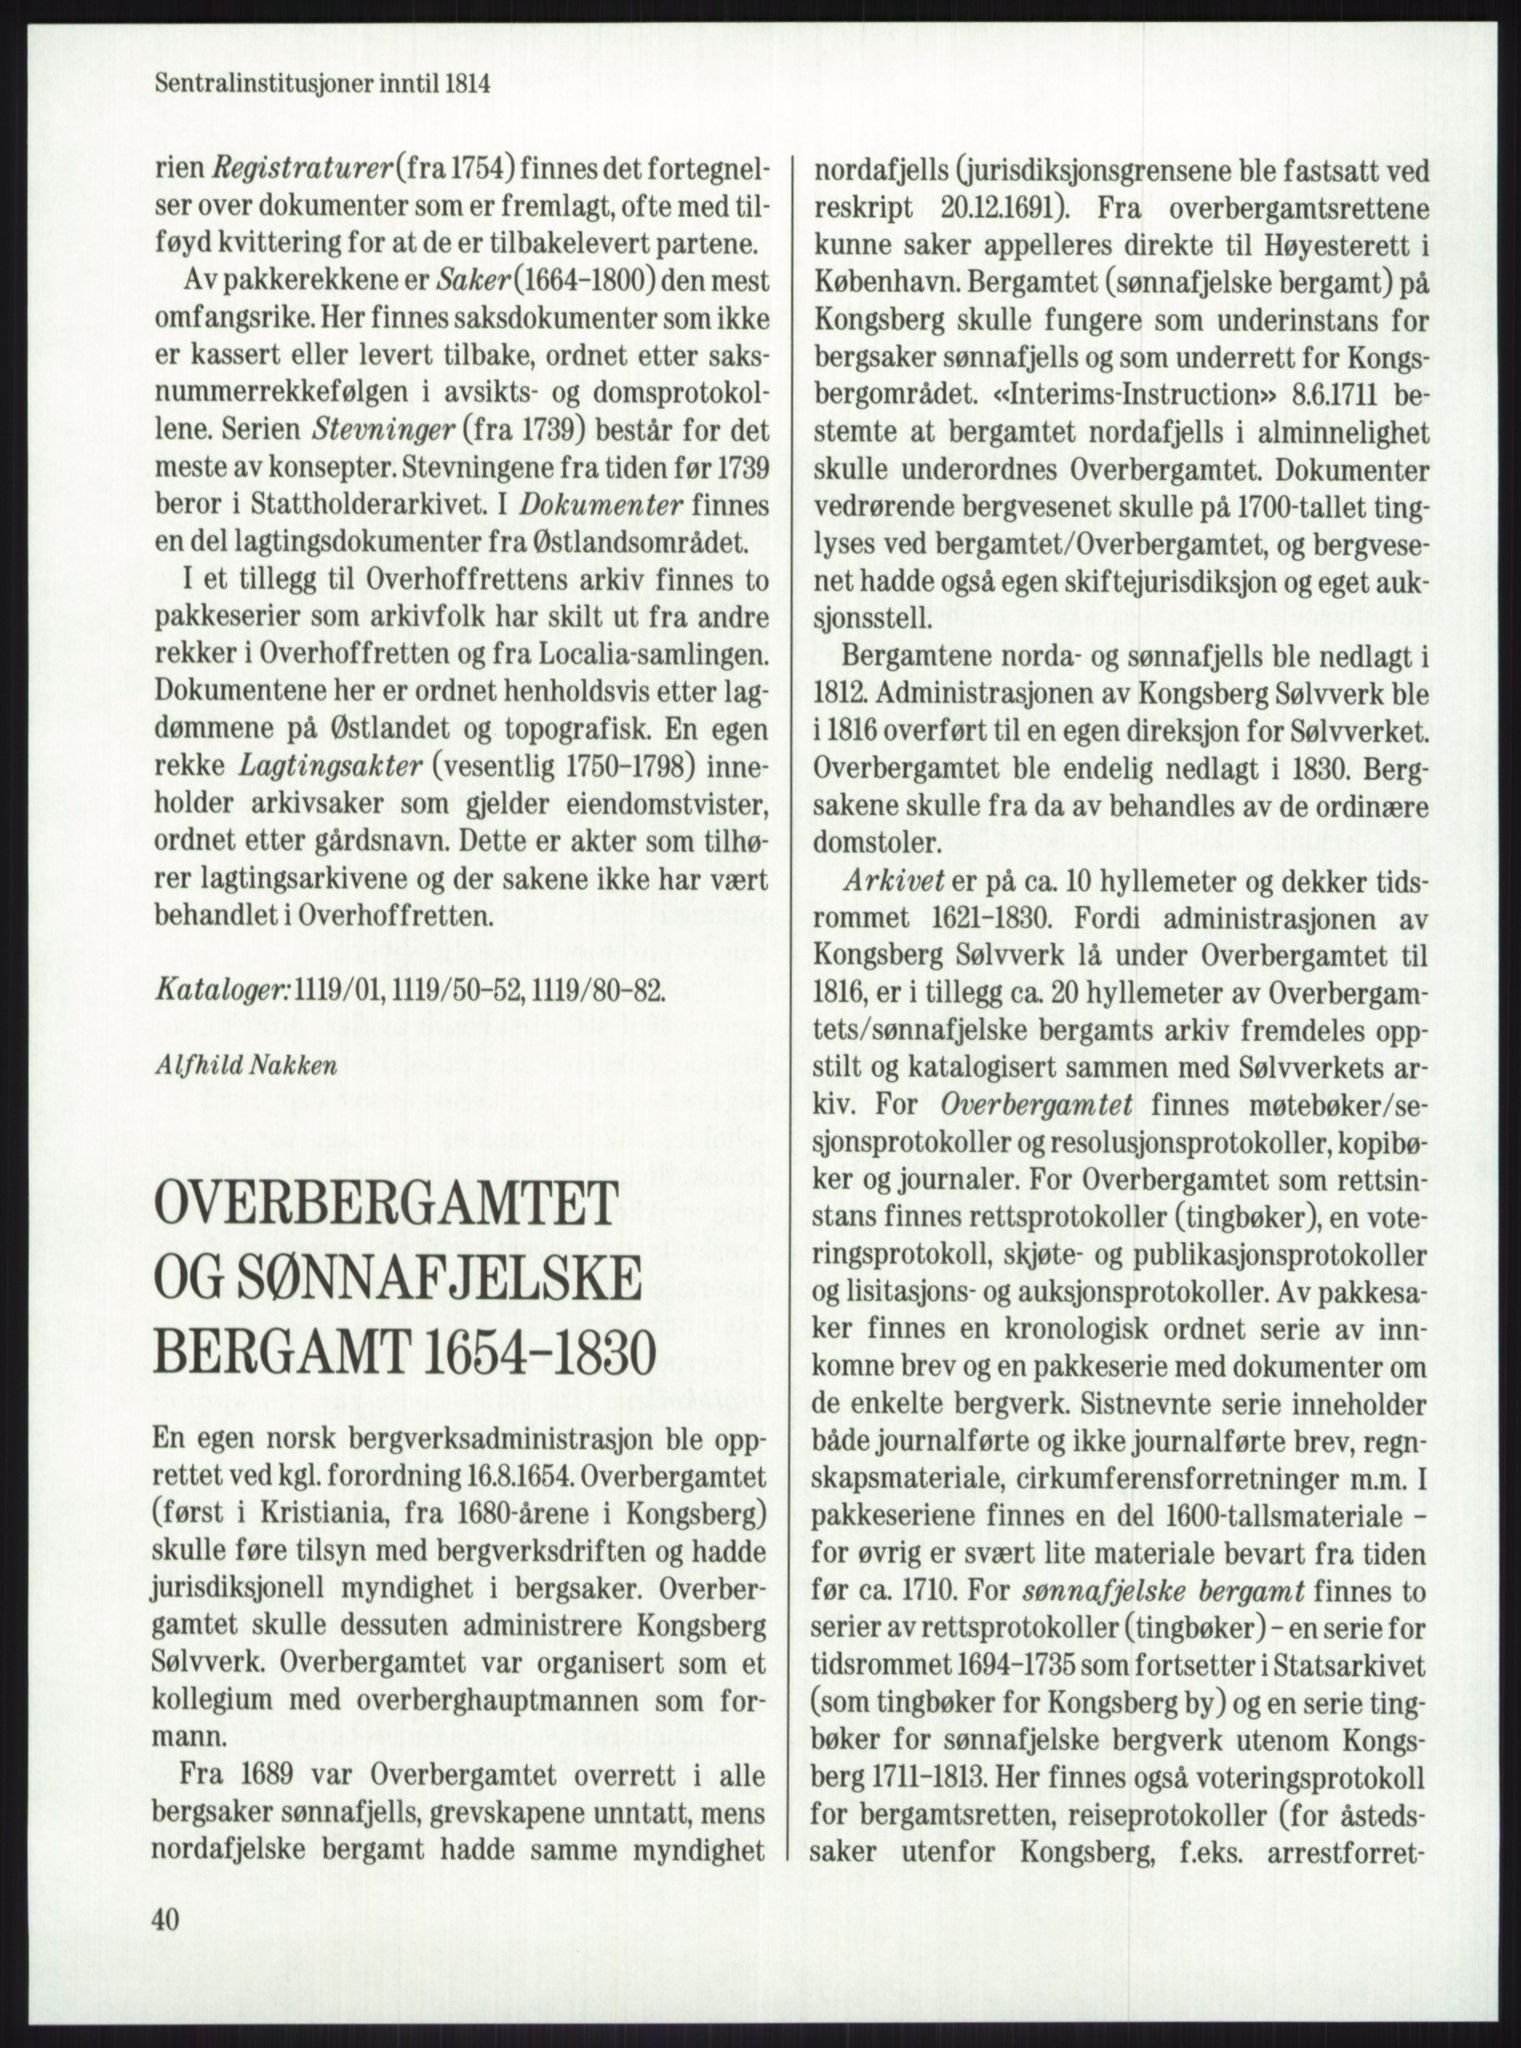 PUBL, Publikasjoner utgitt av Arkivverket, -/-: Knut Johannessen, Ole Kolsrud og Dag Mangset (red.): Håndbok for Riksarkivet (1992), s. 40